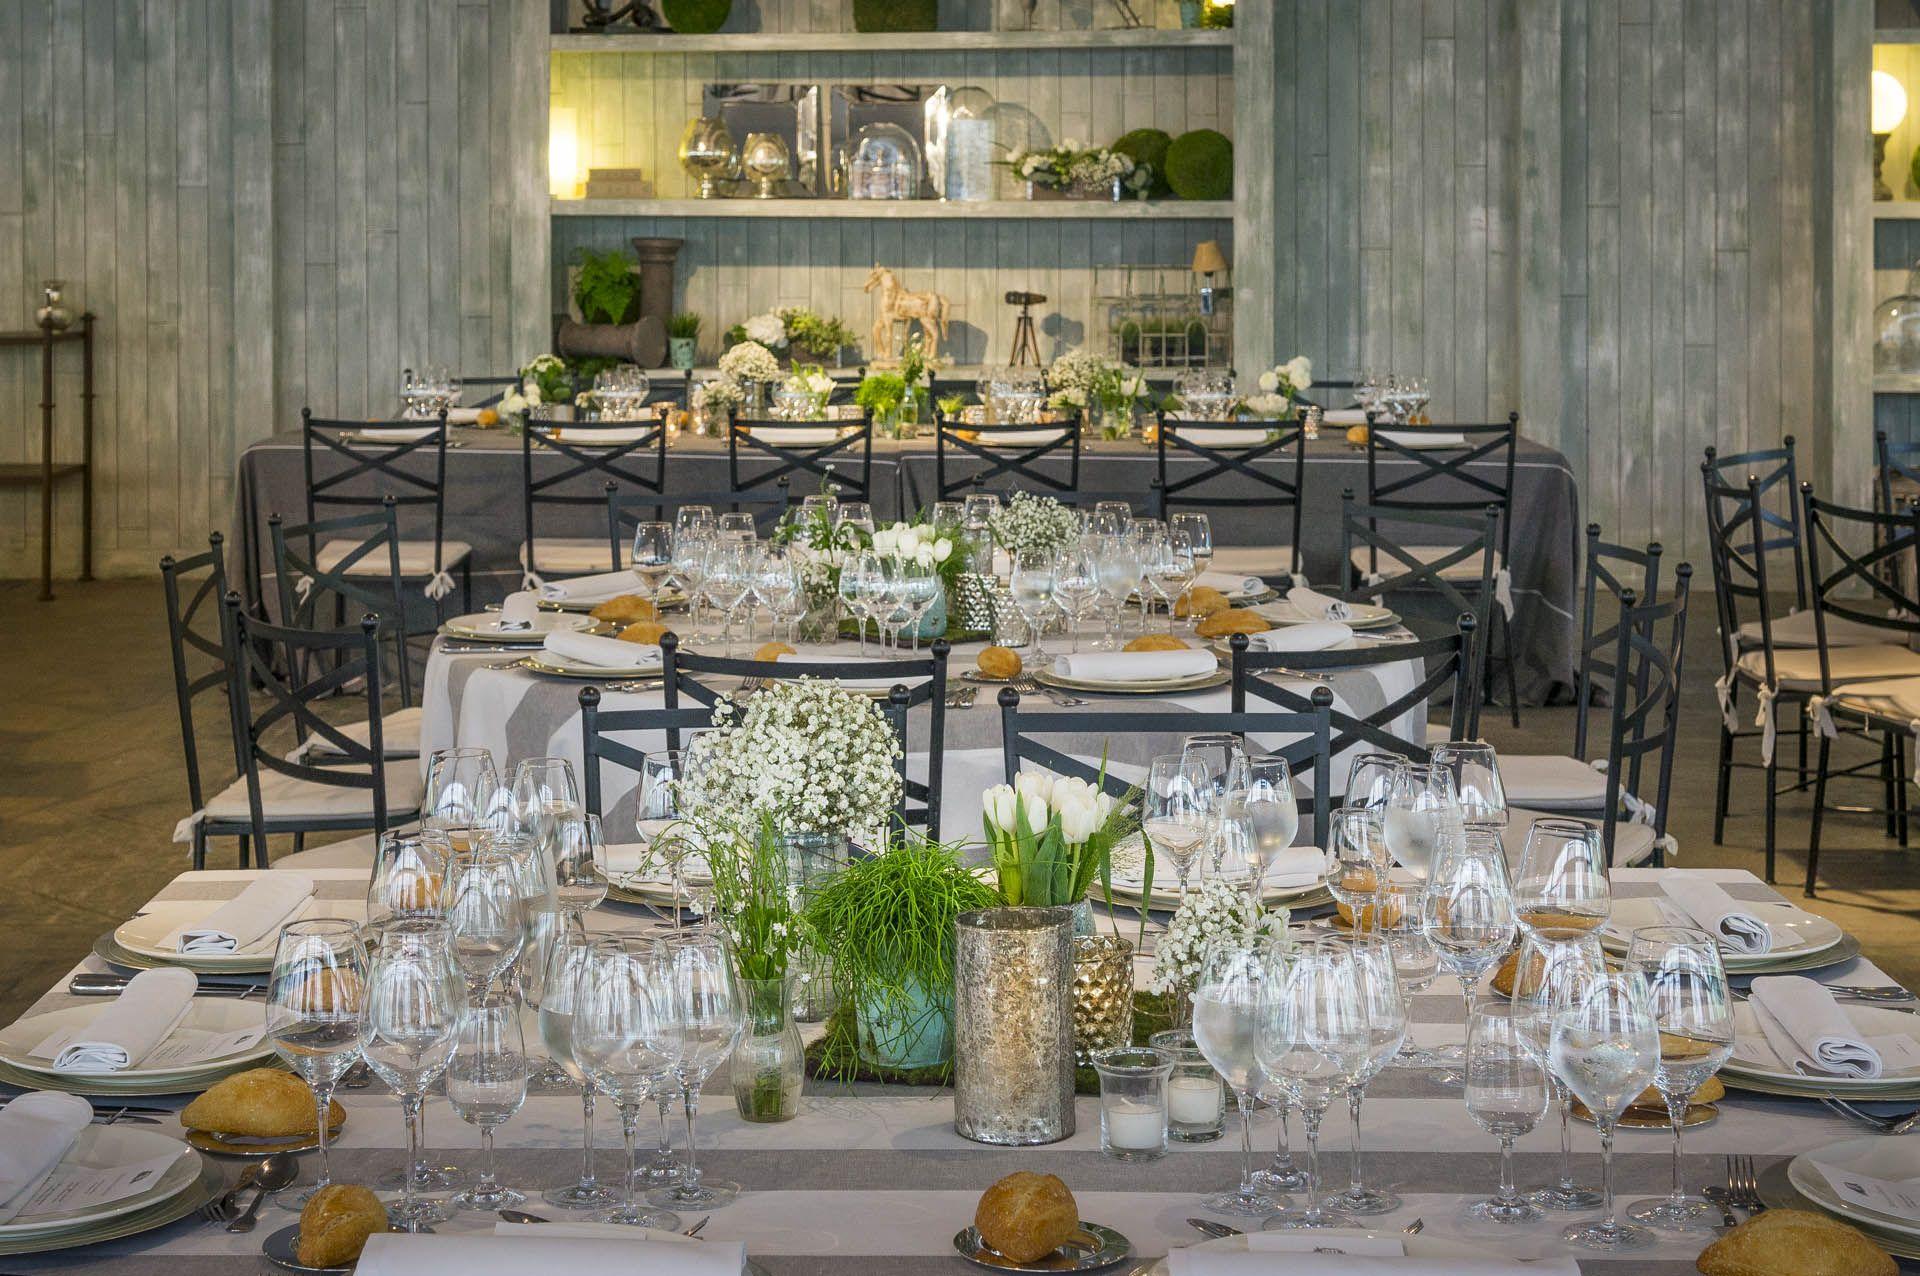 boda con manteles de lino raya gris y blanco combinado con. Black Bedroom Furniture Sets. Home Design Ideas